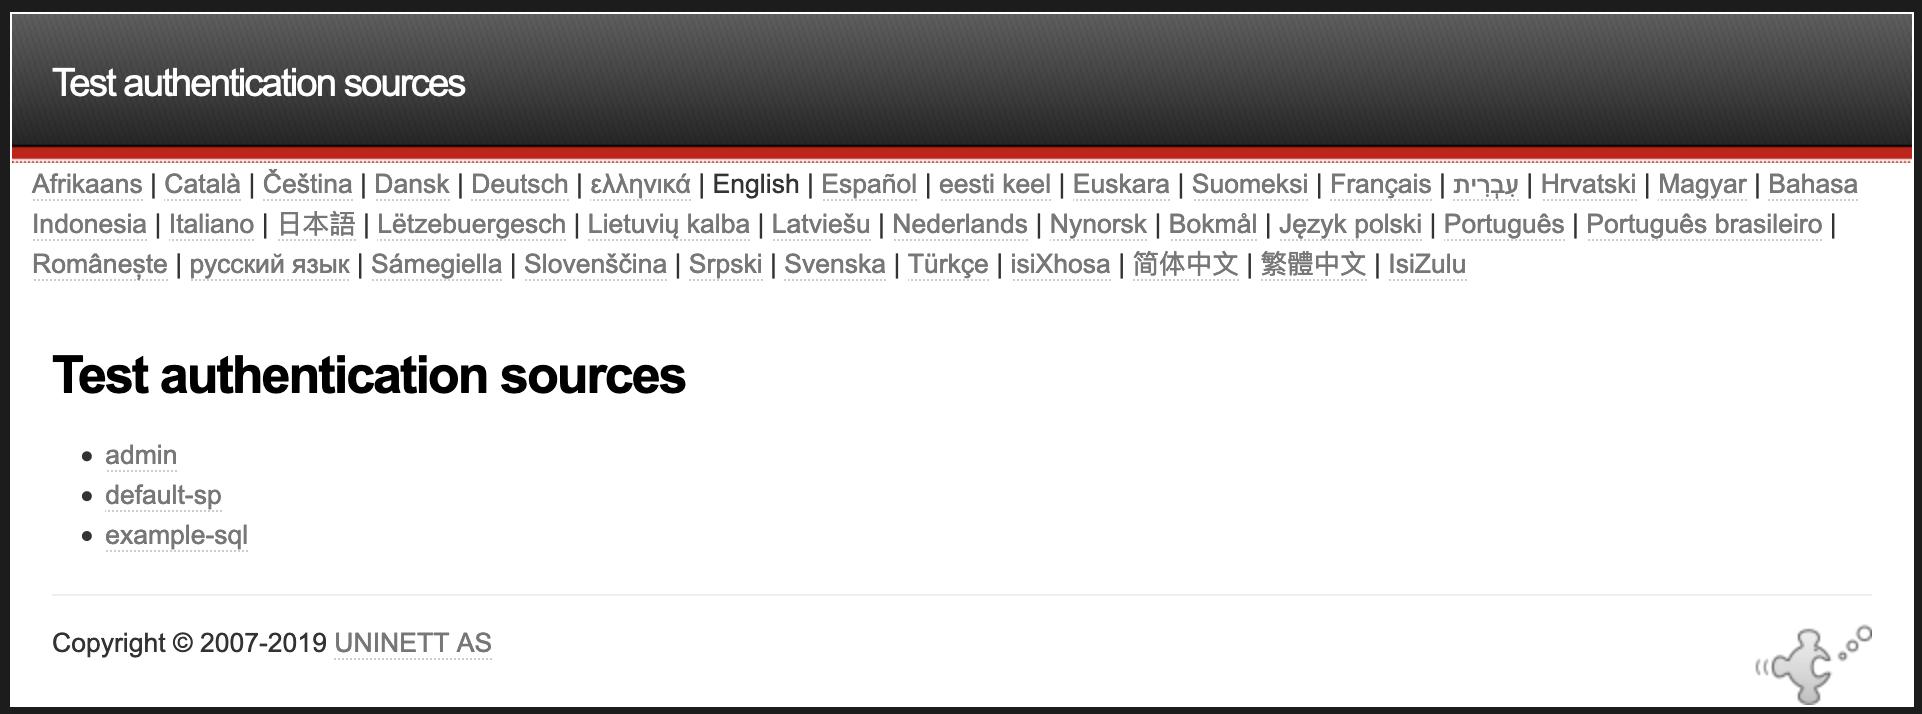 La lista de fuentes de autenticación configuradas